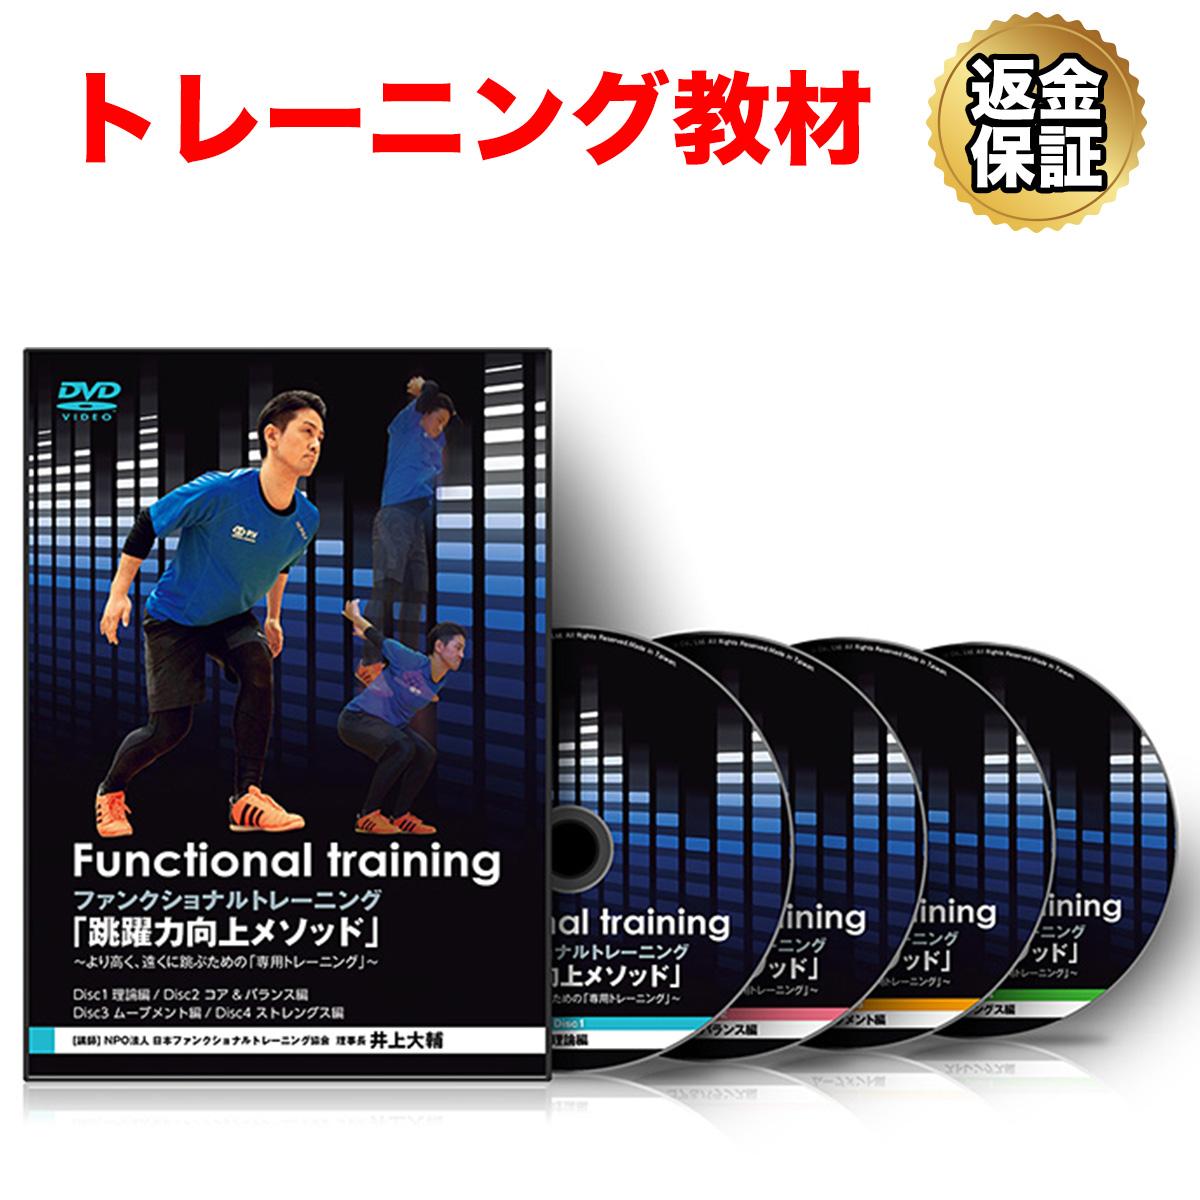 【トレーニング】ファンクショナルトレーニング「跳躍力向上メソッド」~より高く、遠くに跳ぶための「専用トレーニング」